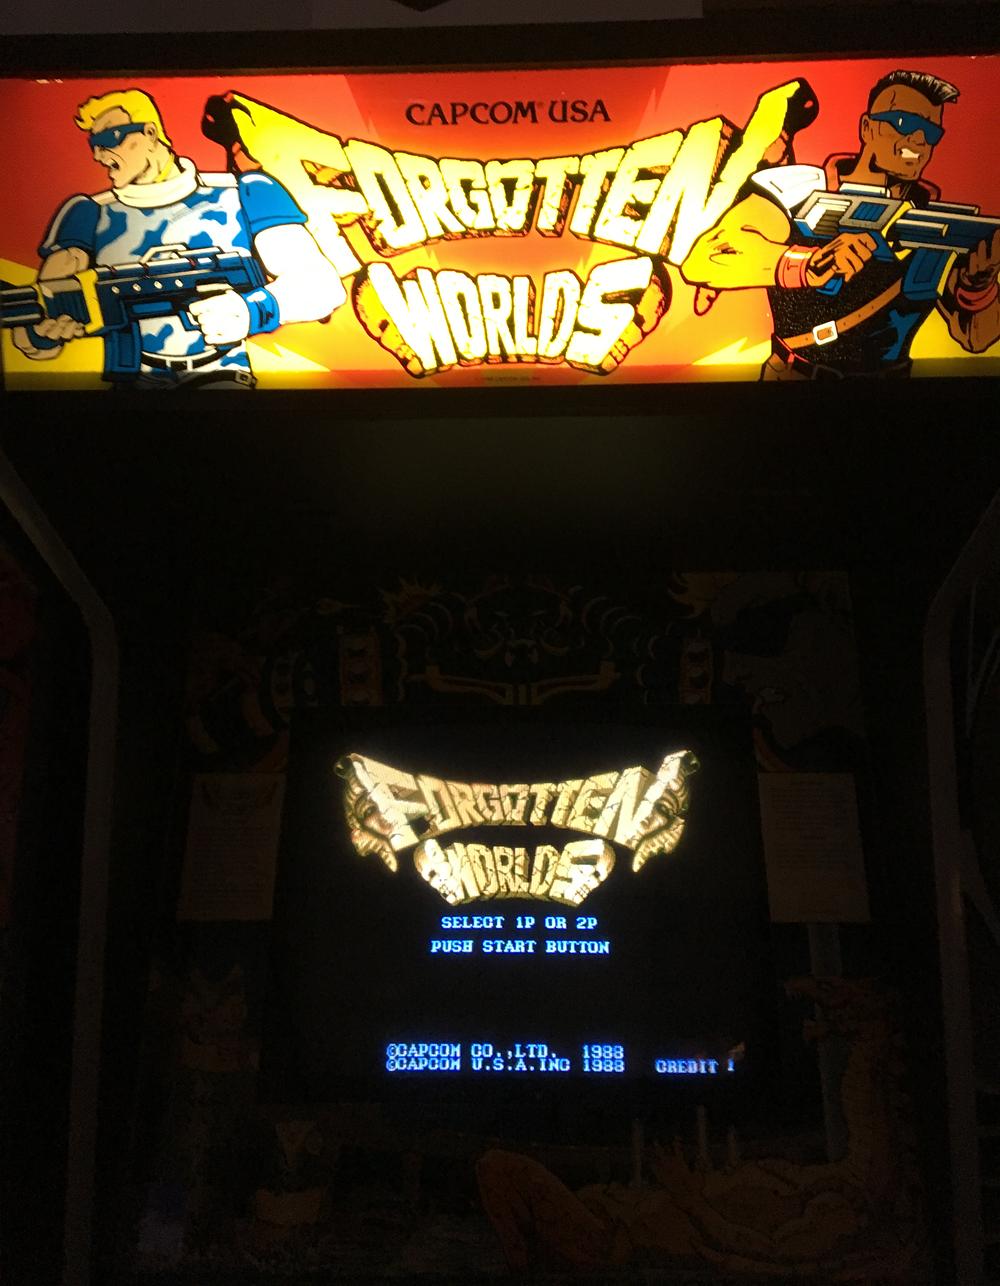 Forgotten Worlds 43,000 points